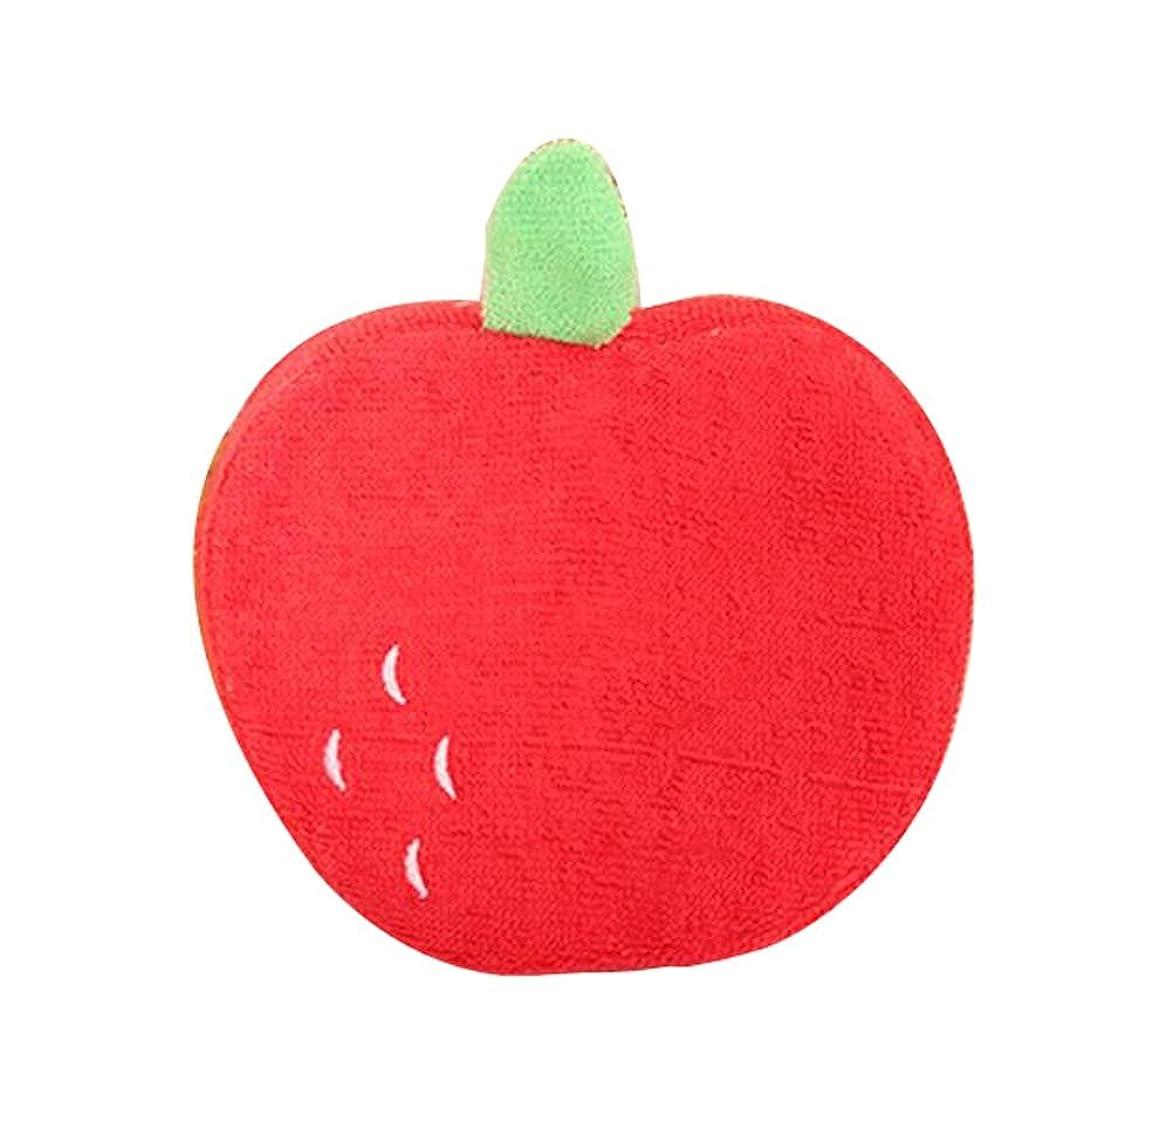 公然と不適切な傑出したステレオ感覚は強い果実の形ですベビーバスコットンバススポンジ、アップル